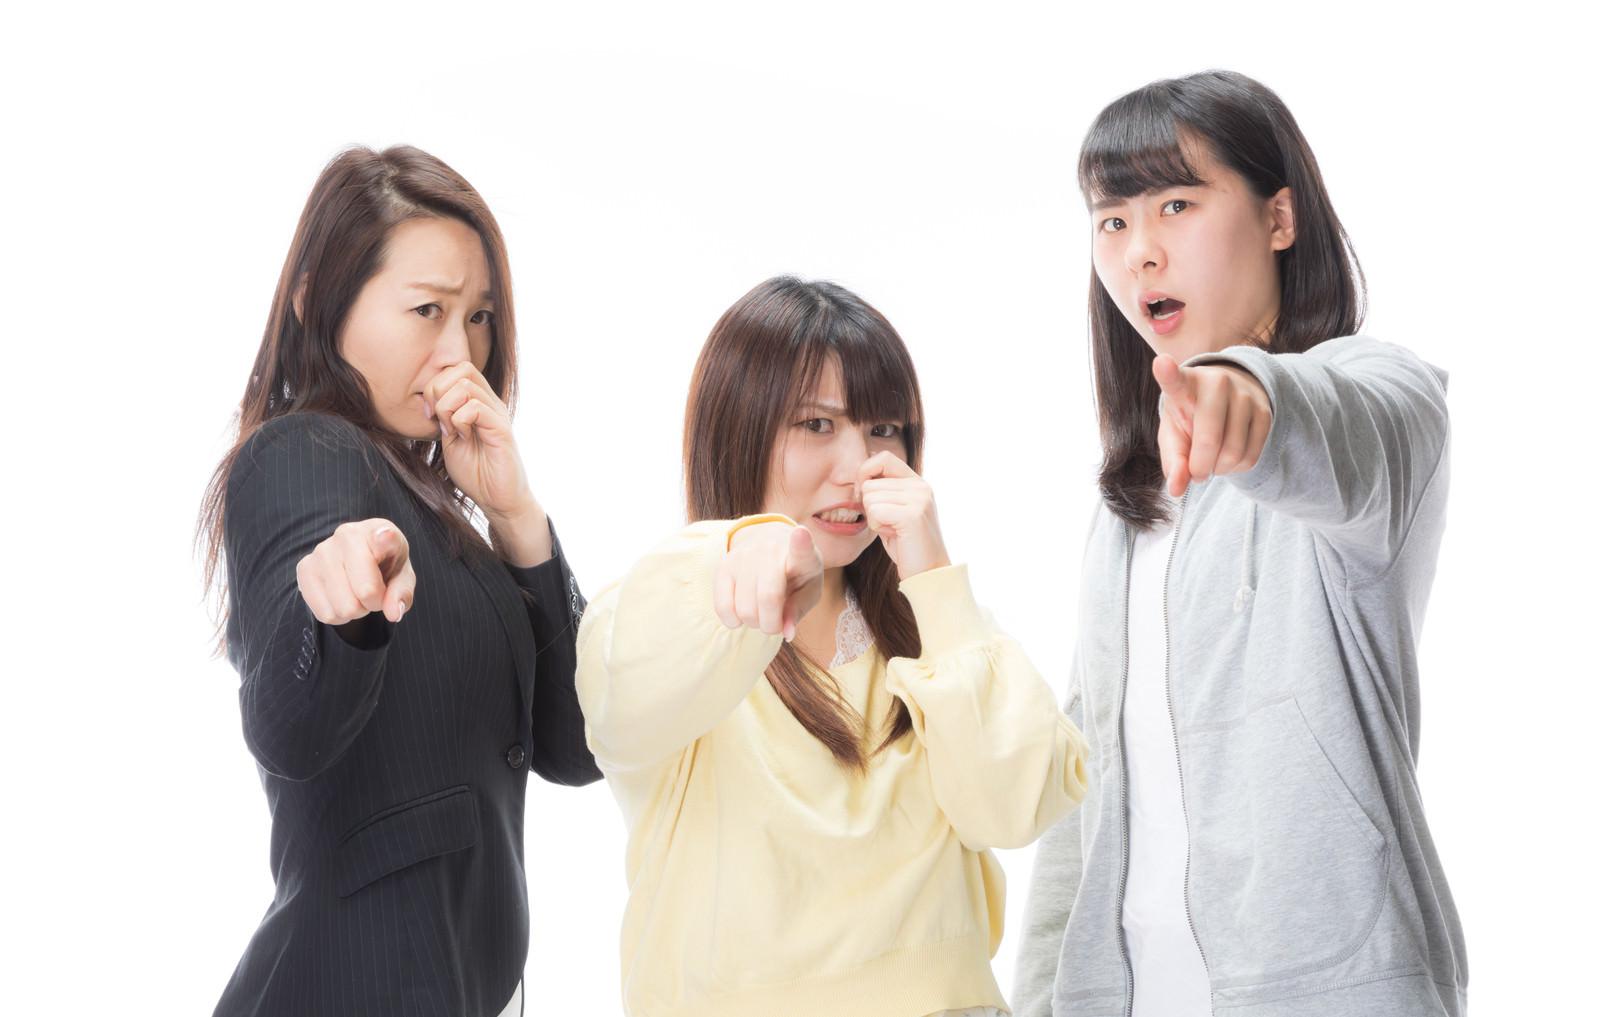 「においの原因をつきとめた女子三人臭 | 写真の無料素材・フリー素材 - ぱくたそ」の写真[モデル:Lala Mizuho 土本寛子]